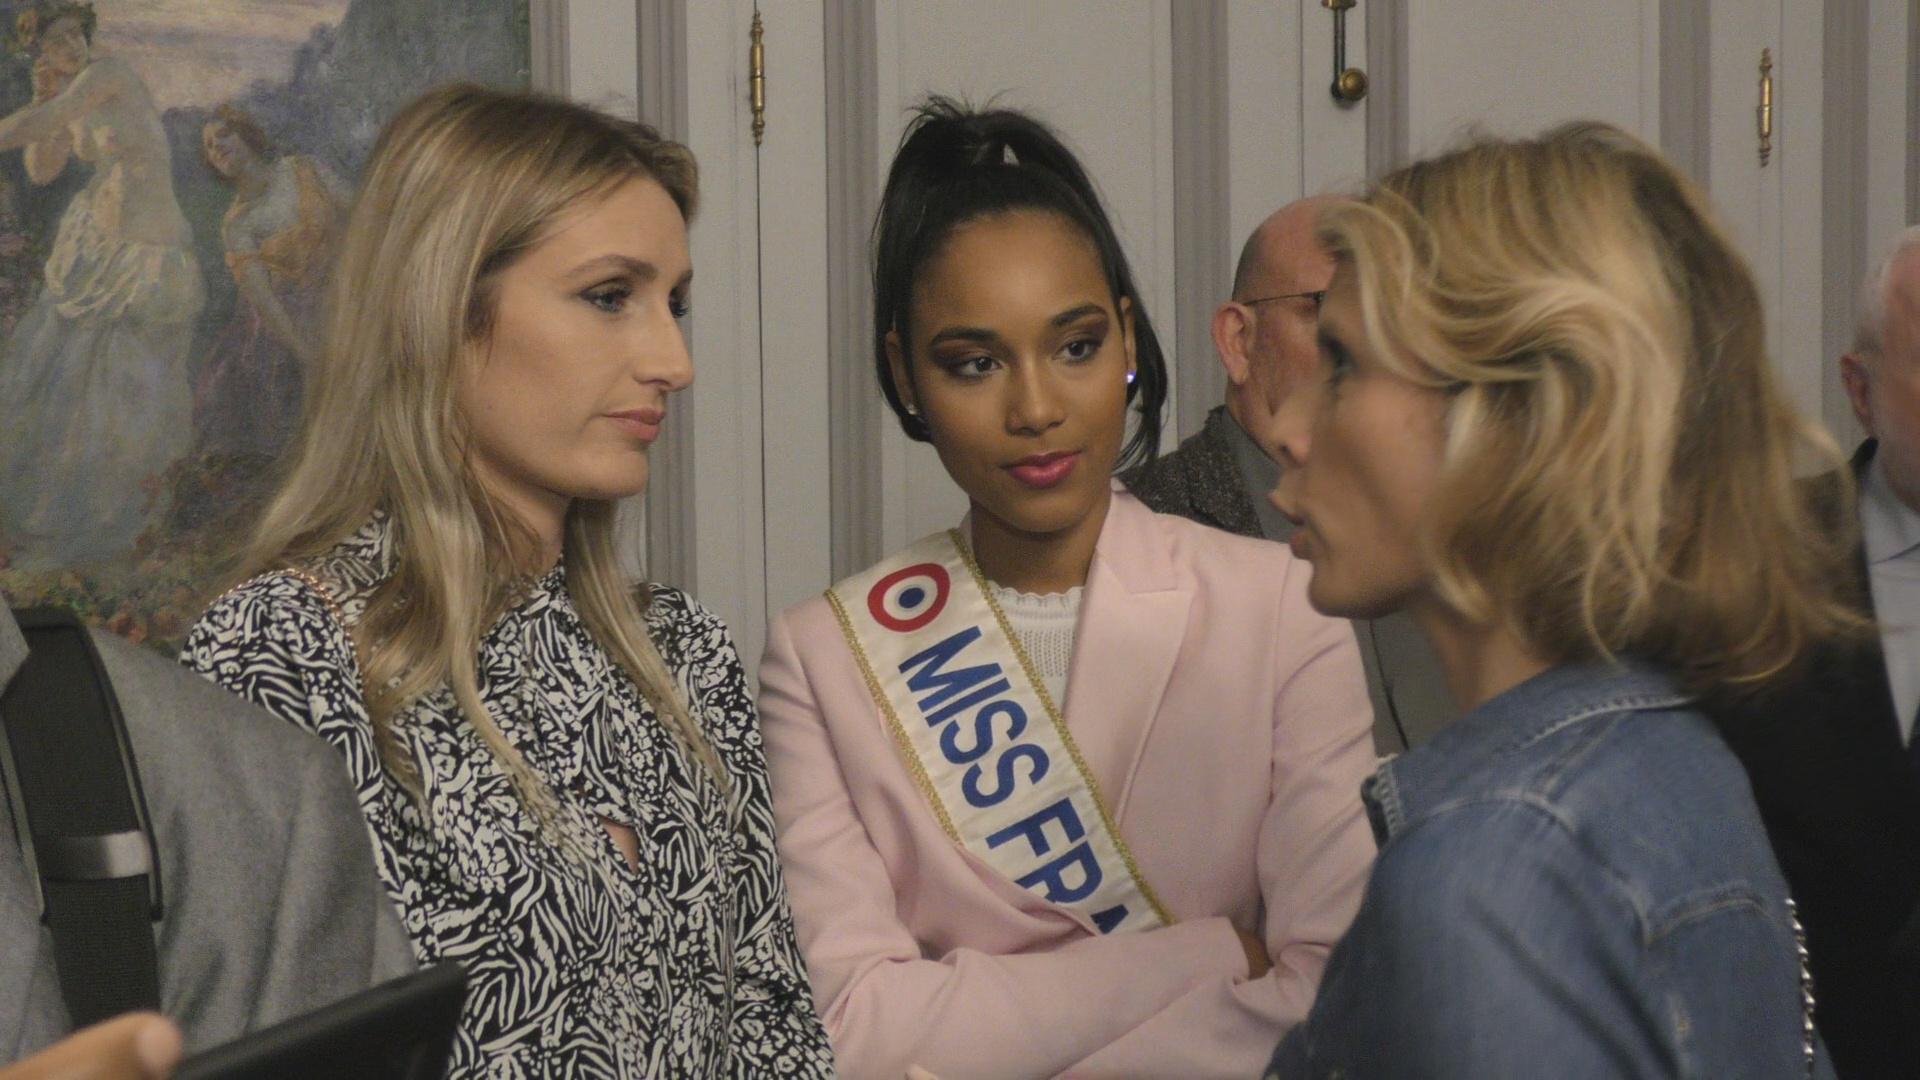 [Vidéo] Onews. Miss France 2020 Clémence BOTINO aux voeux de la Ministre des Outre mer